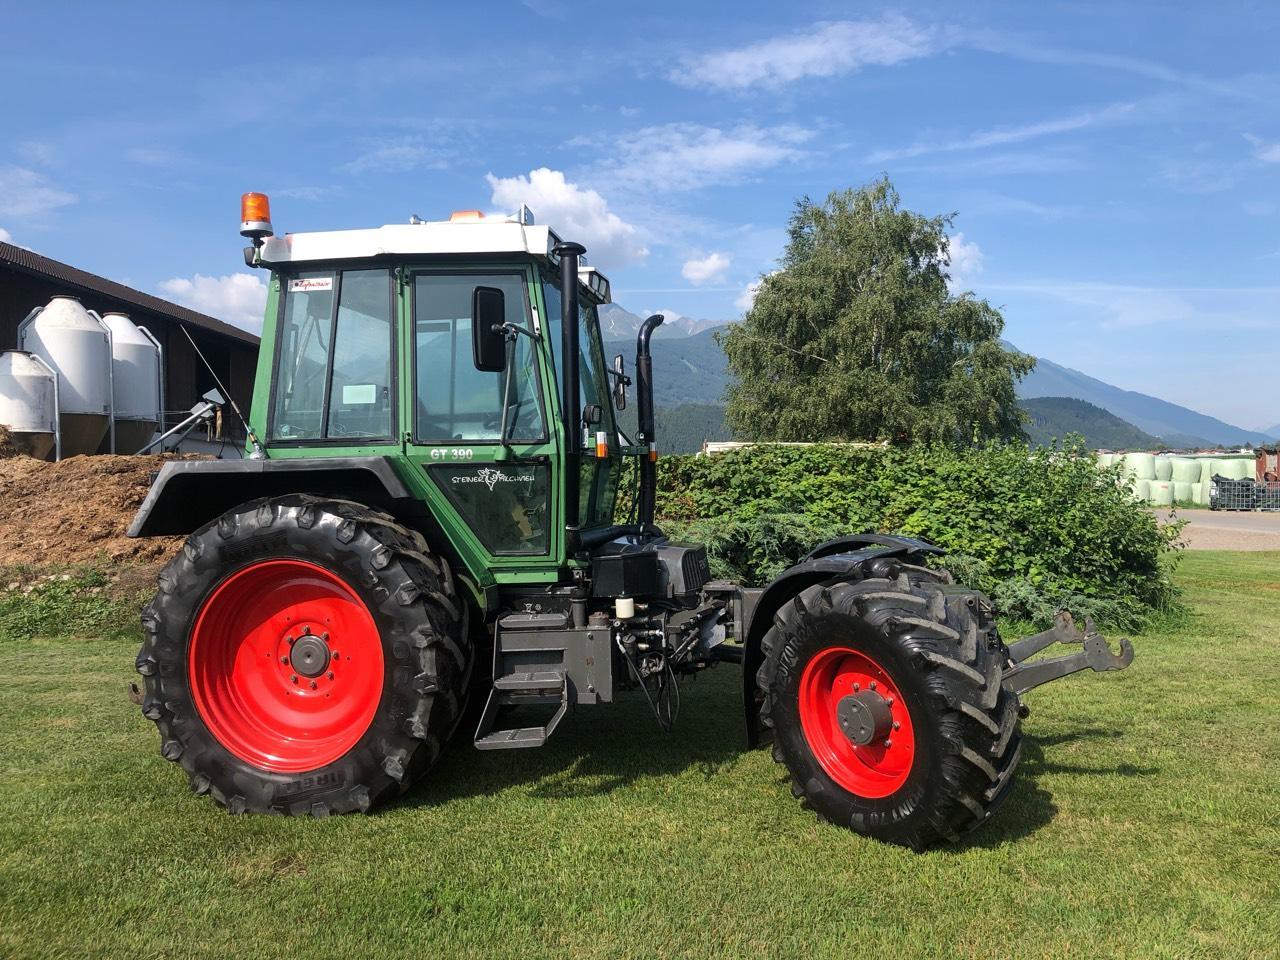 Buchse Differential Getriebe Fendt GT 231 S Geräteträger Traktor Schlepper GTS